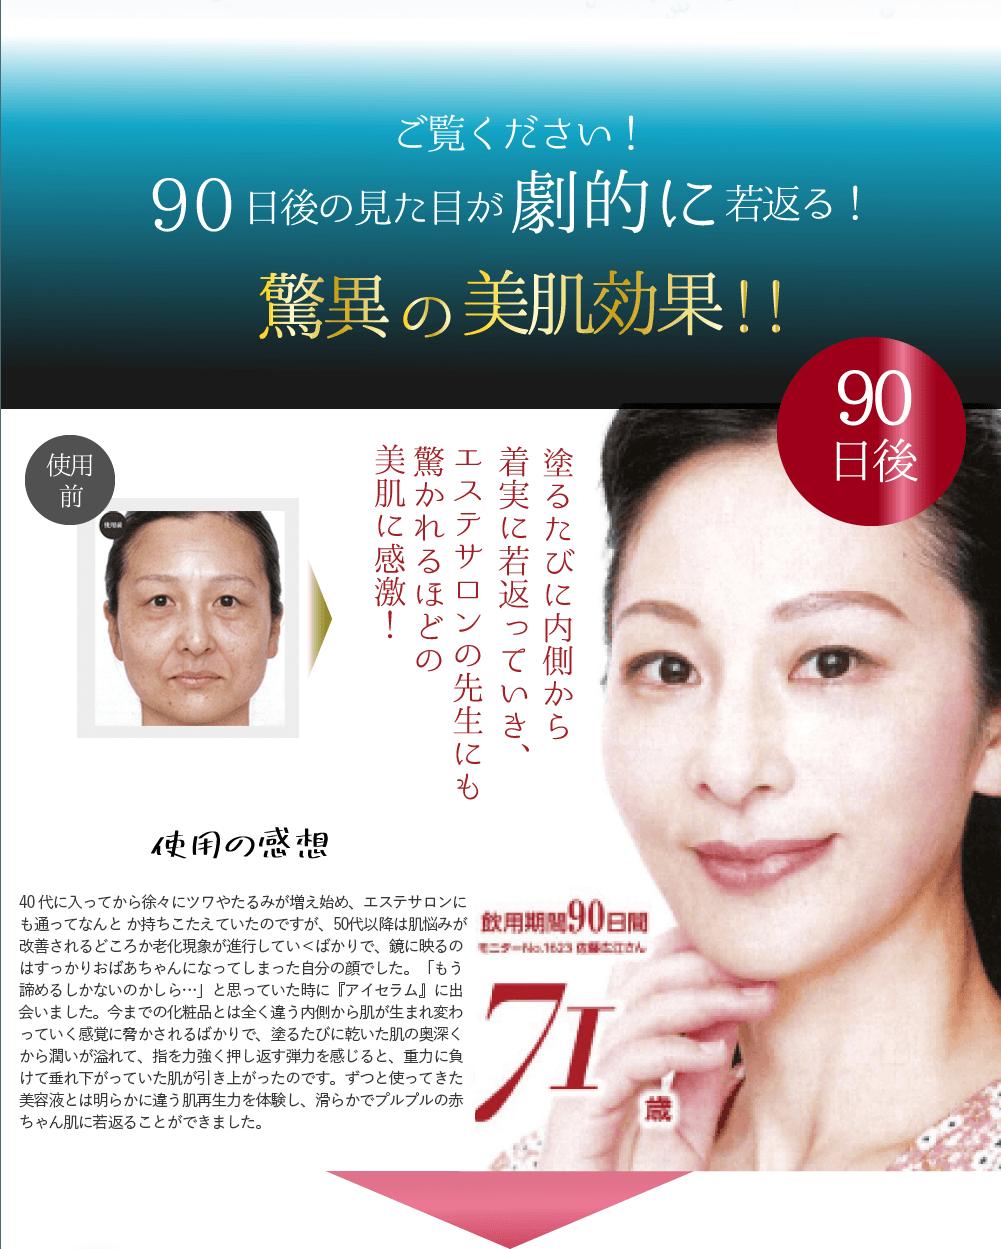 90日後の見た目が劇的に若返る 驚異の美肌効果